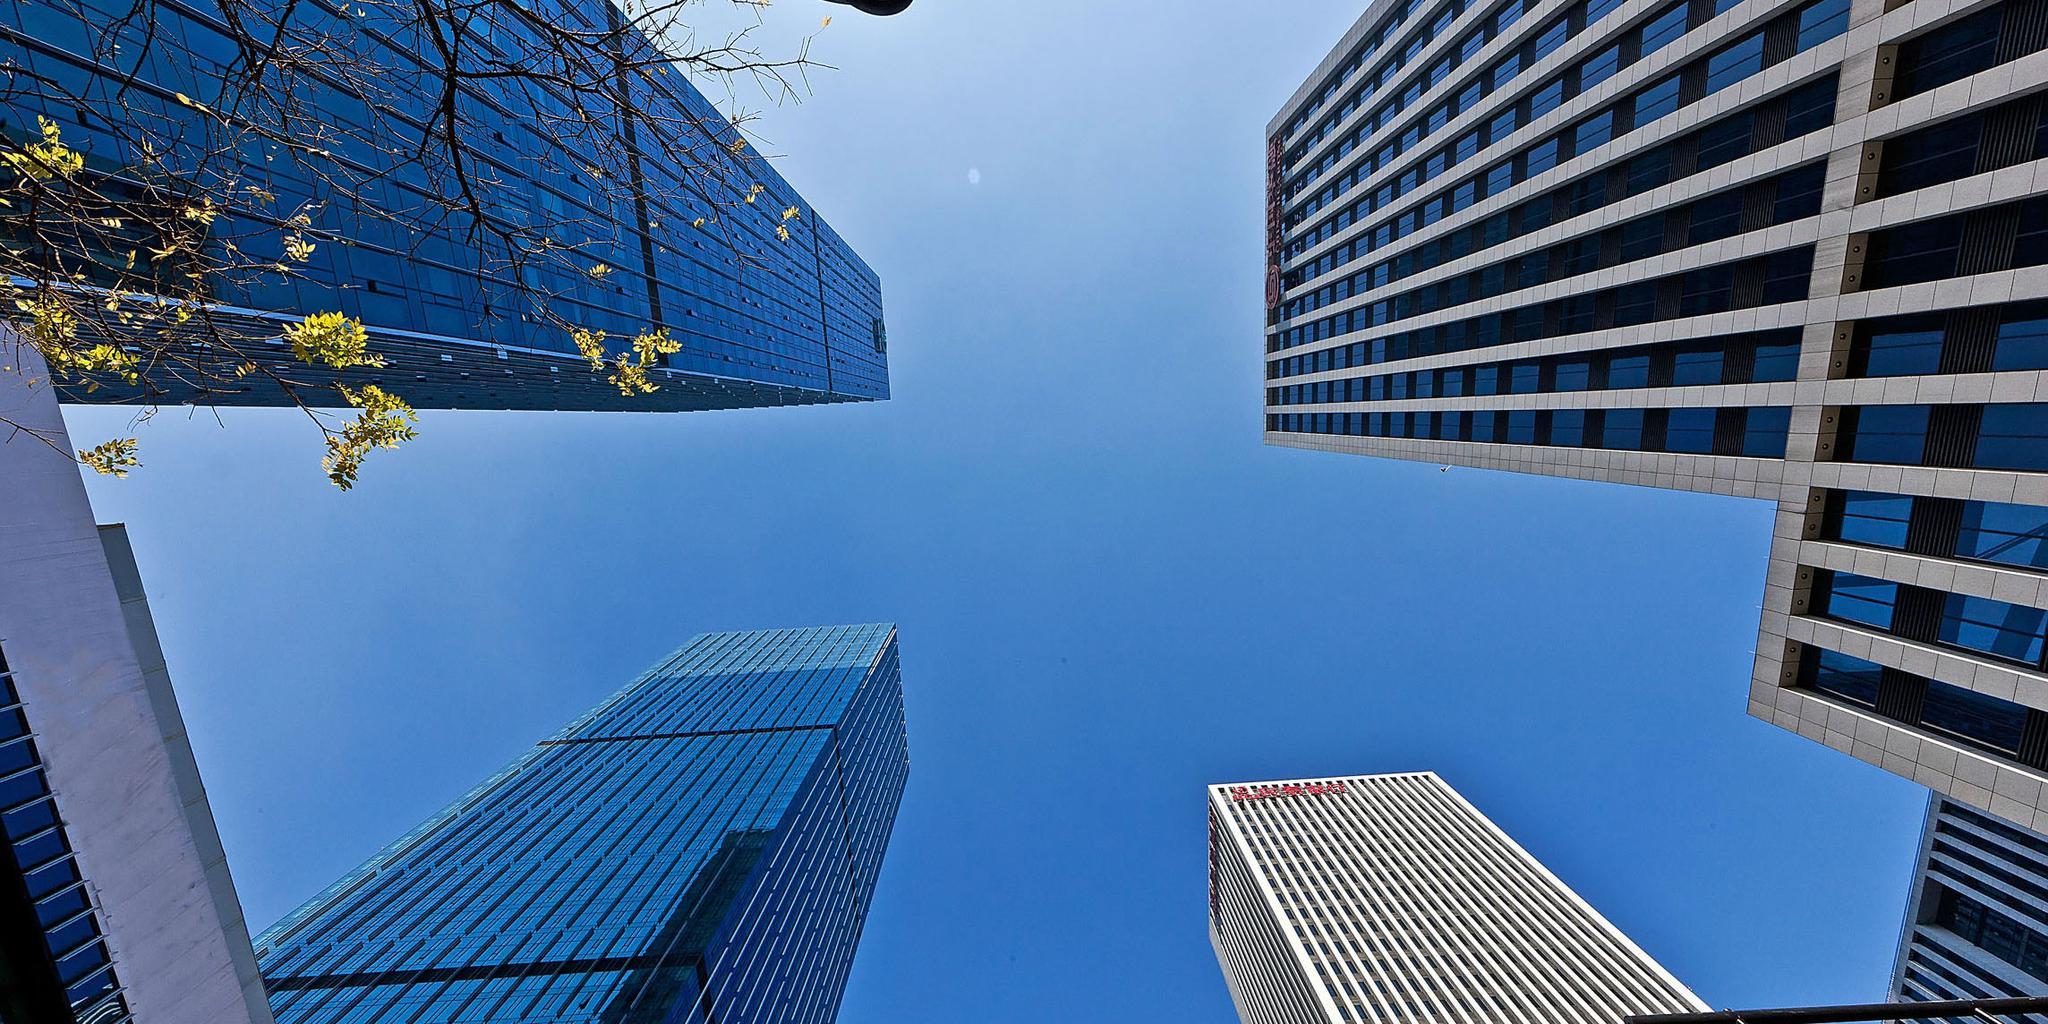 建立租赁物评估定价体系、降低售后回租业务比例 金融租赁行业发布首个自律公约